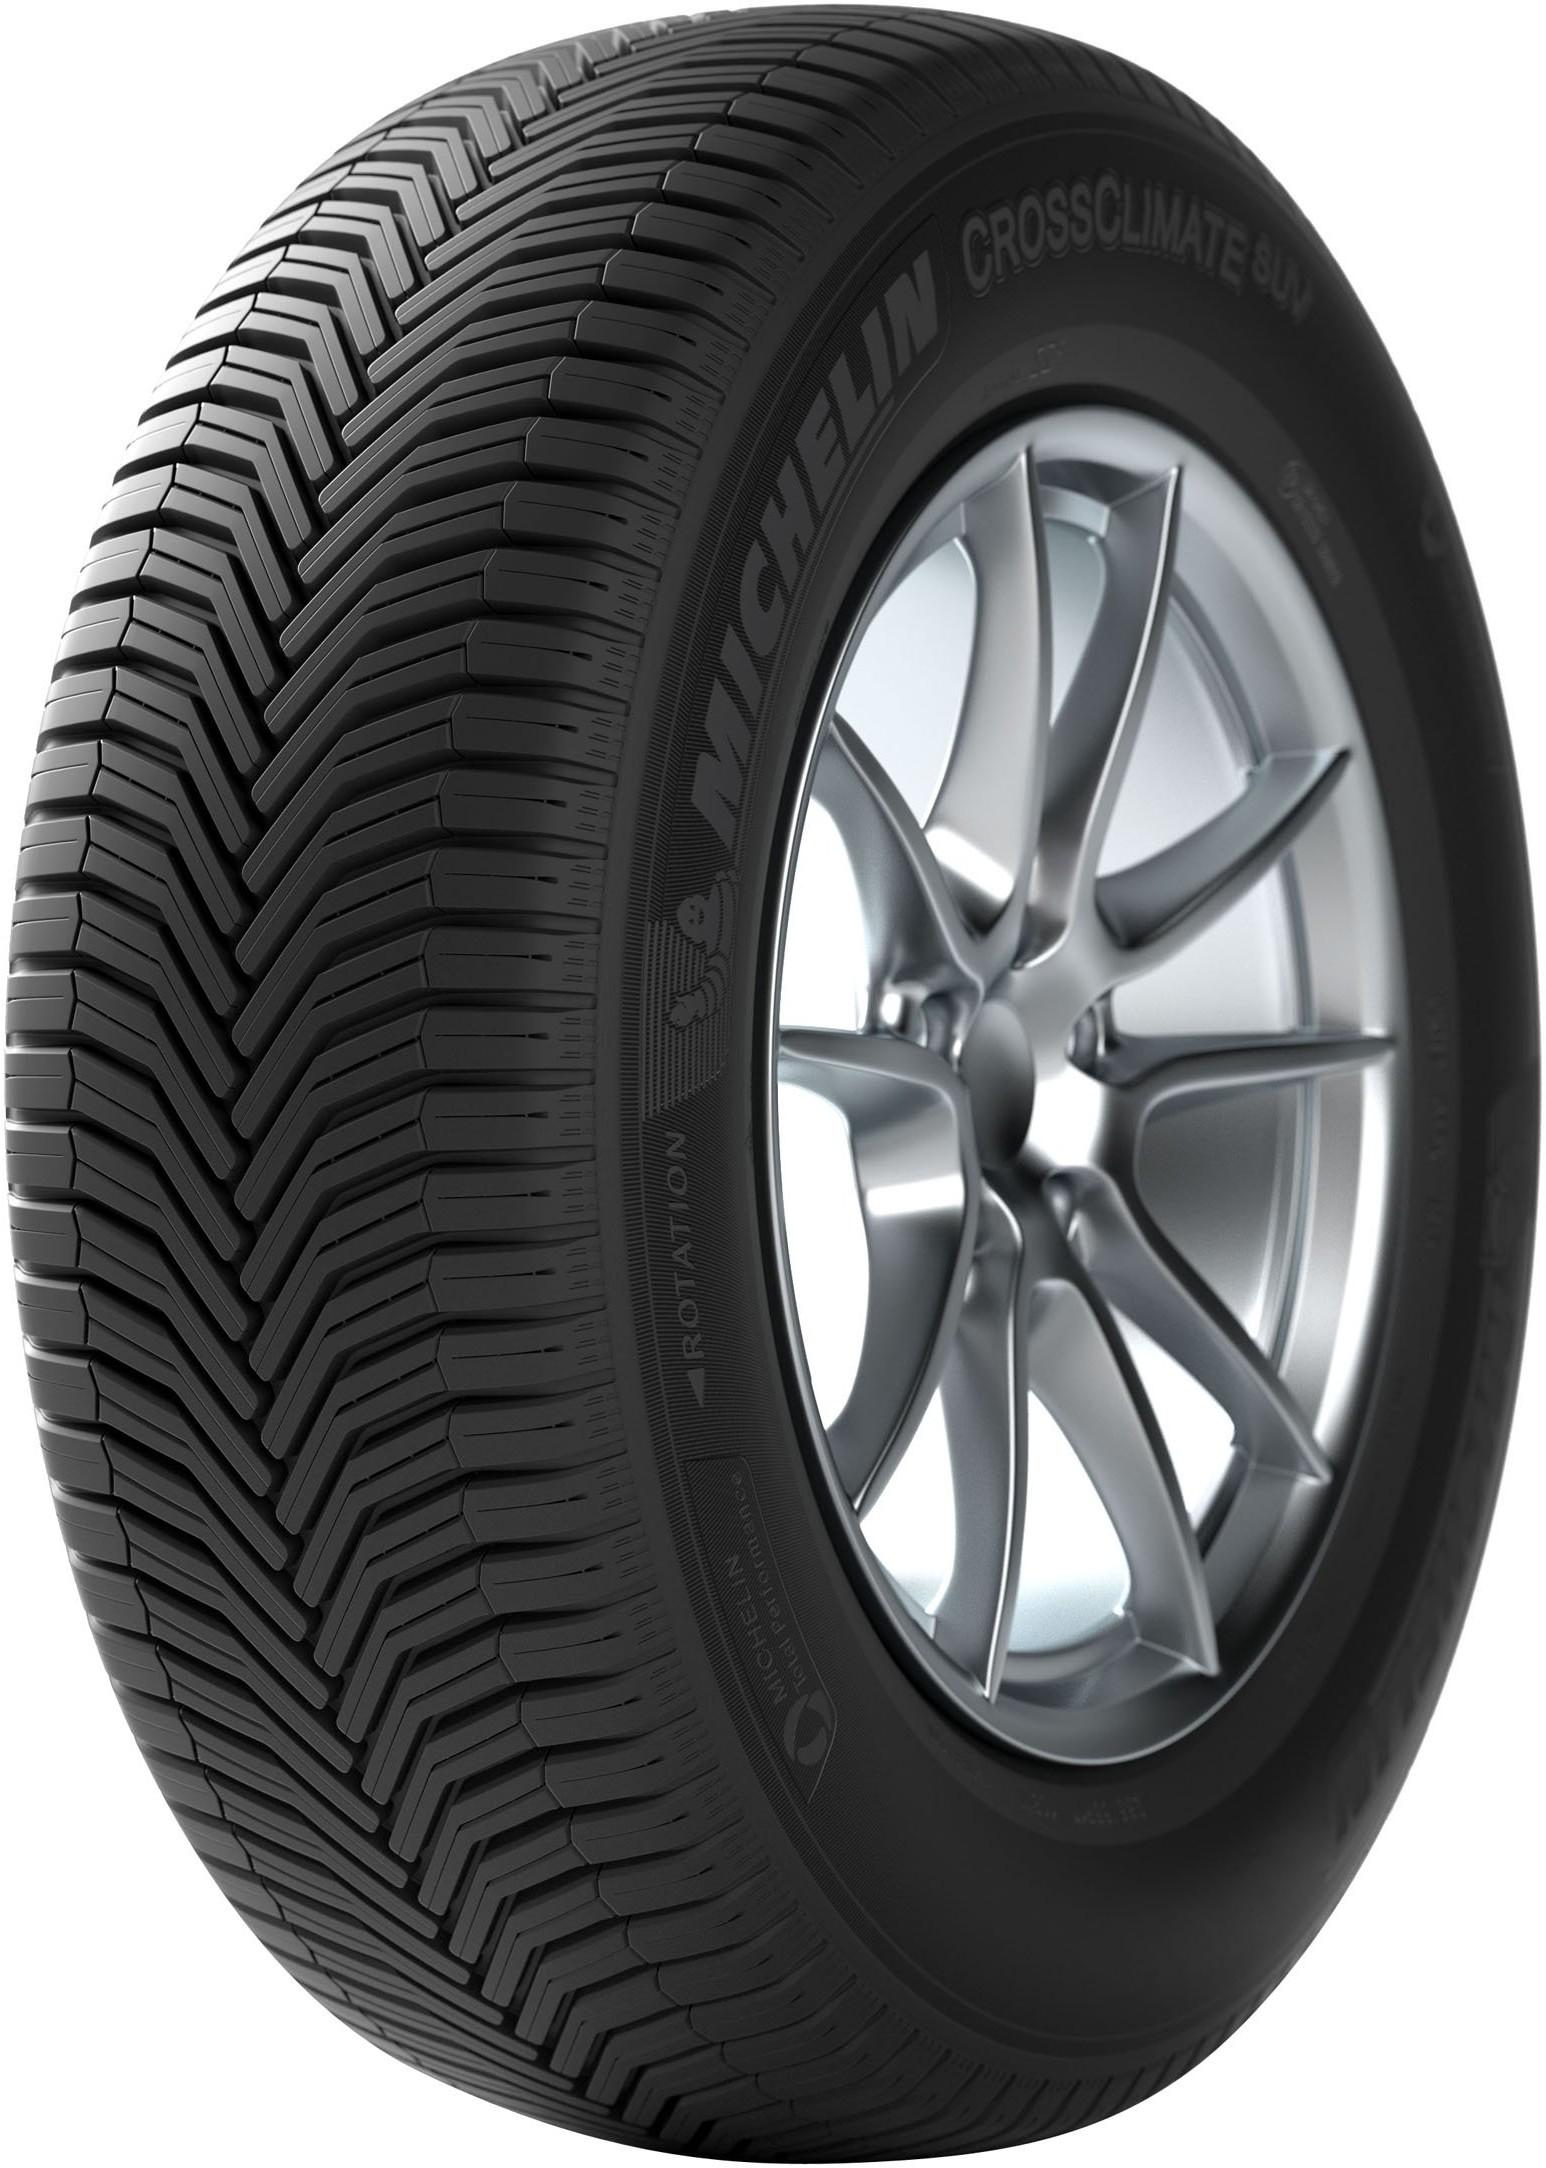 Michelin CrossClimate SUV 225/65R17 102V